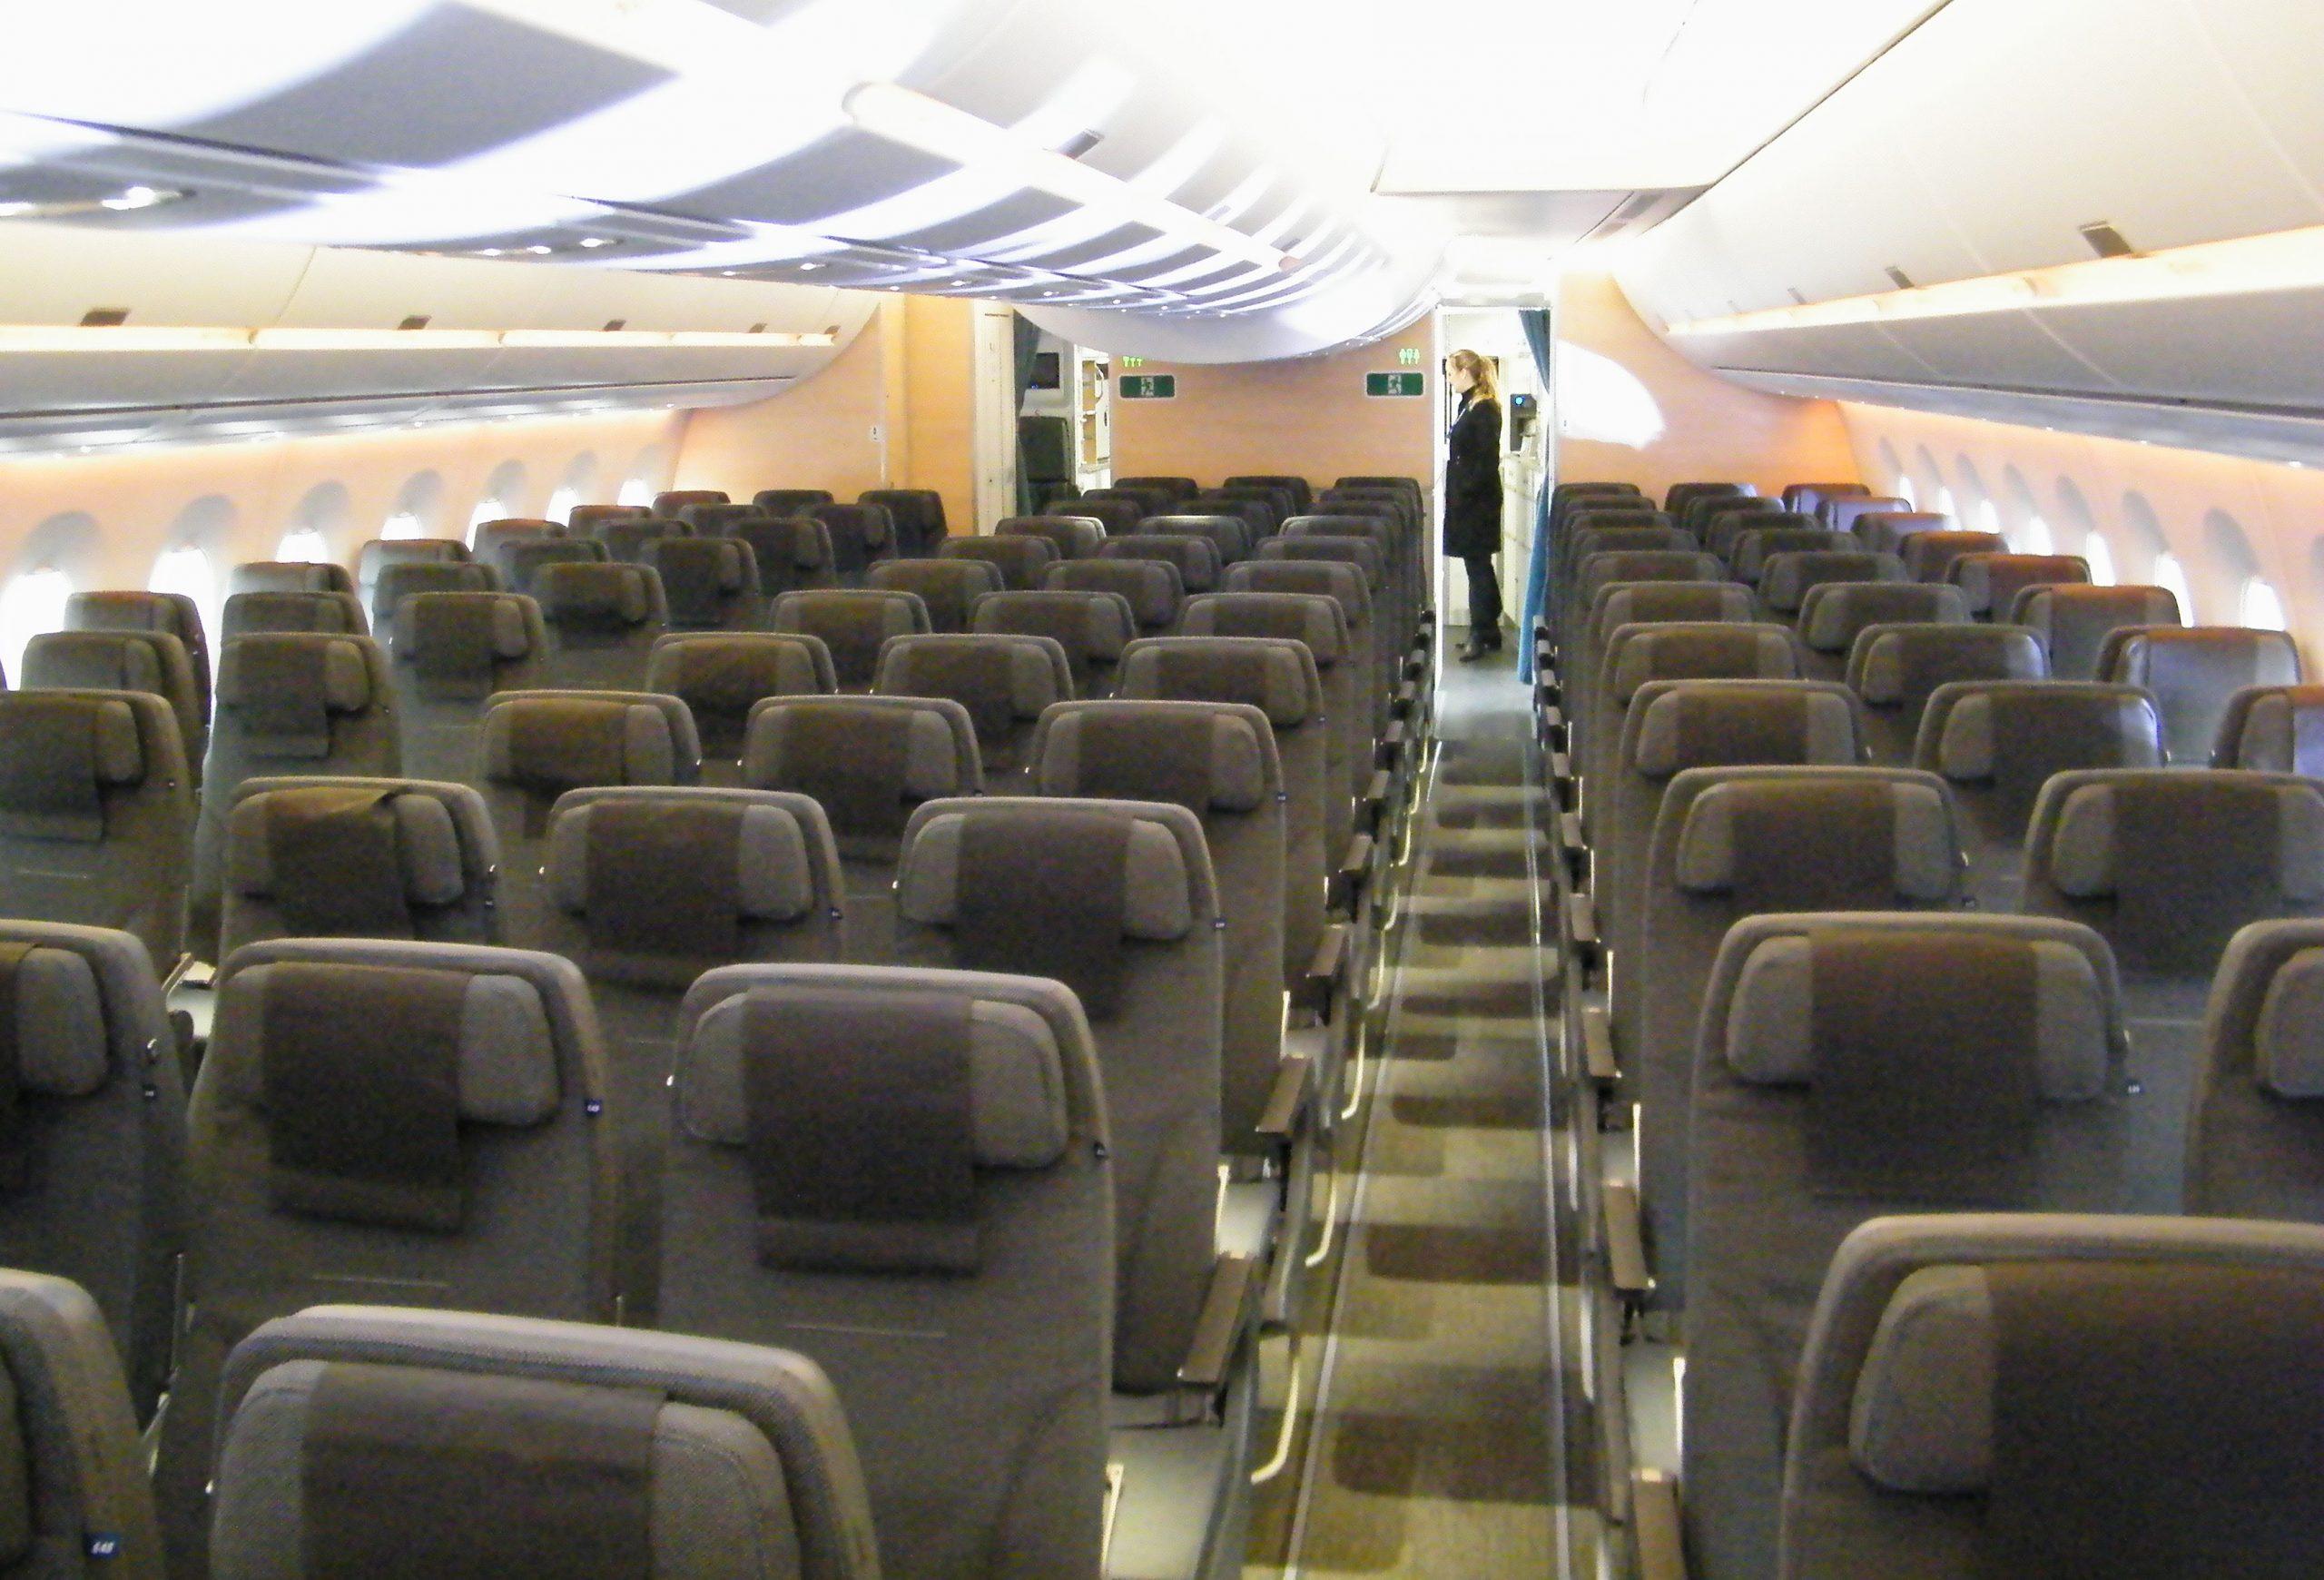 SAS fremviste mandag for første gang kabinerne i sit nye flagskib til langruterne, Airbus A350. Her er det hovedkabinen på economy, Go, hedder det hos SAS, hvor der er plads til 228 passagerer. Foto: Henrik Baumgarten.